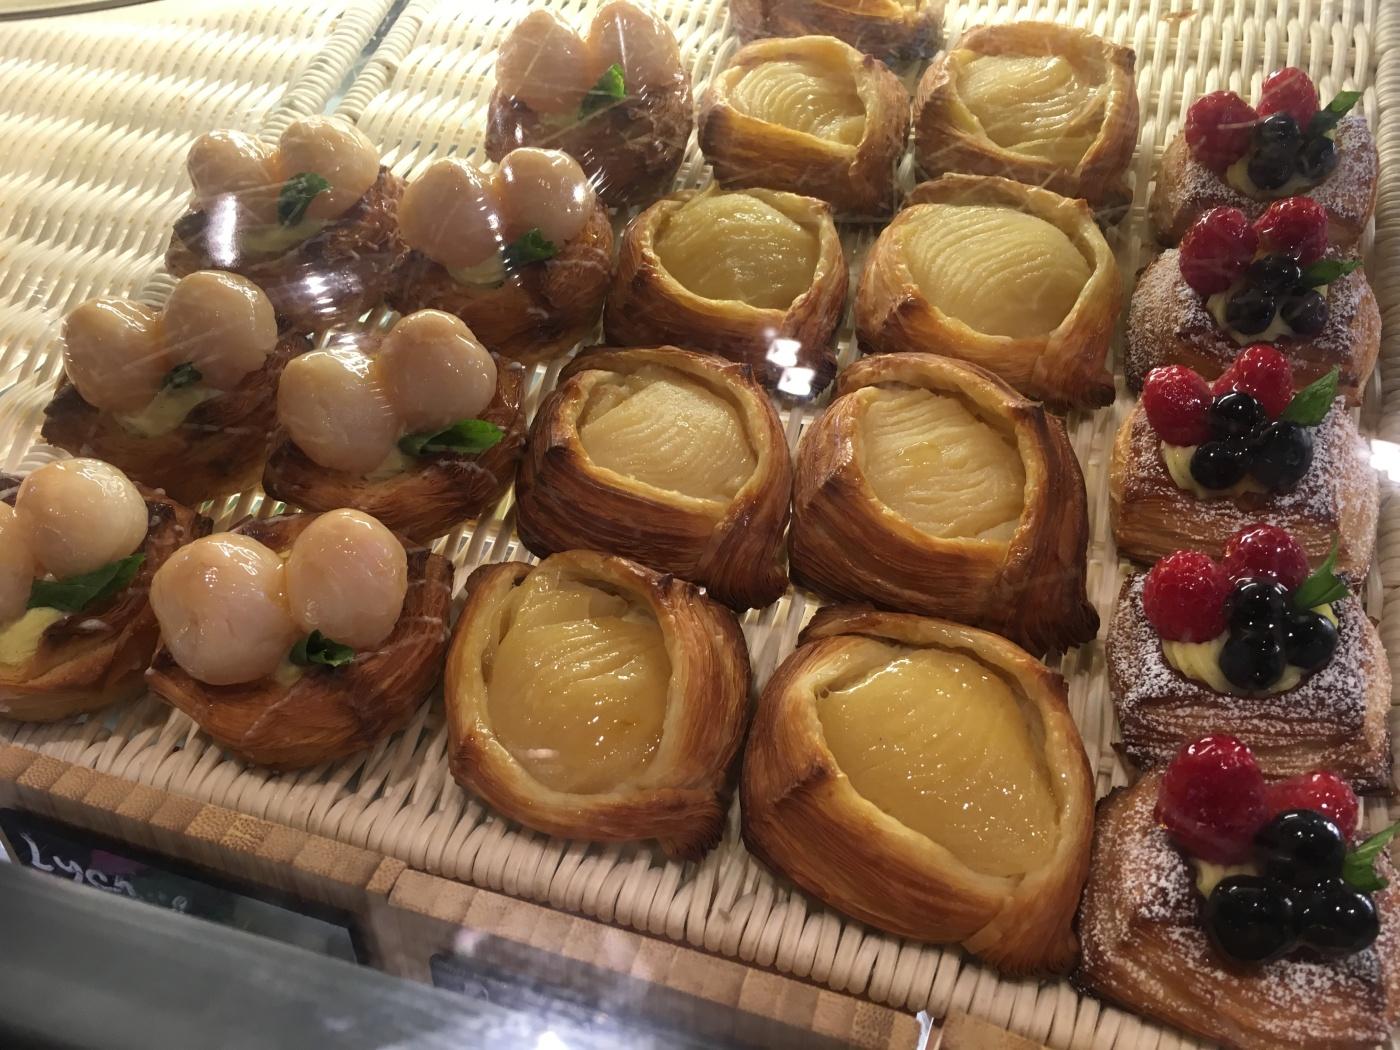 Delicious Pastries at Voyageur du Temps in Los Altos, California